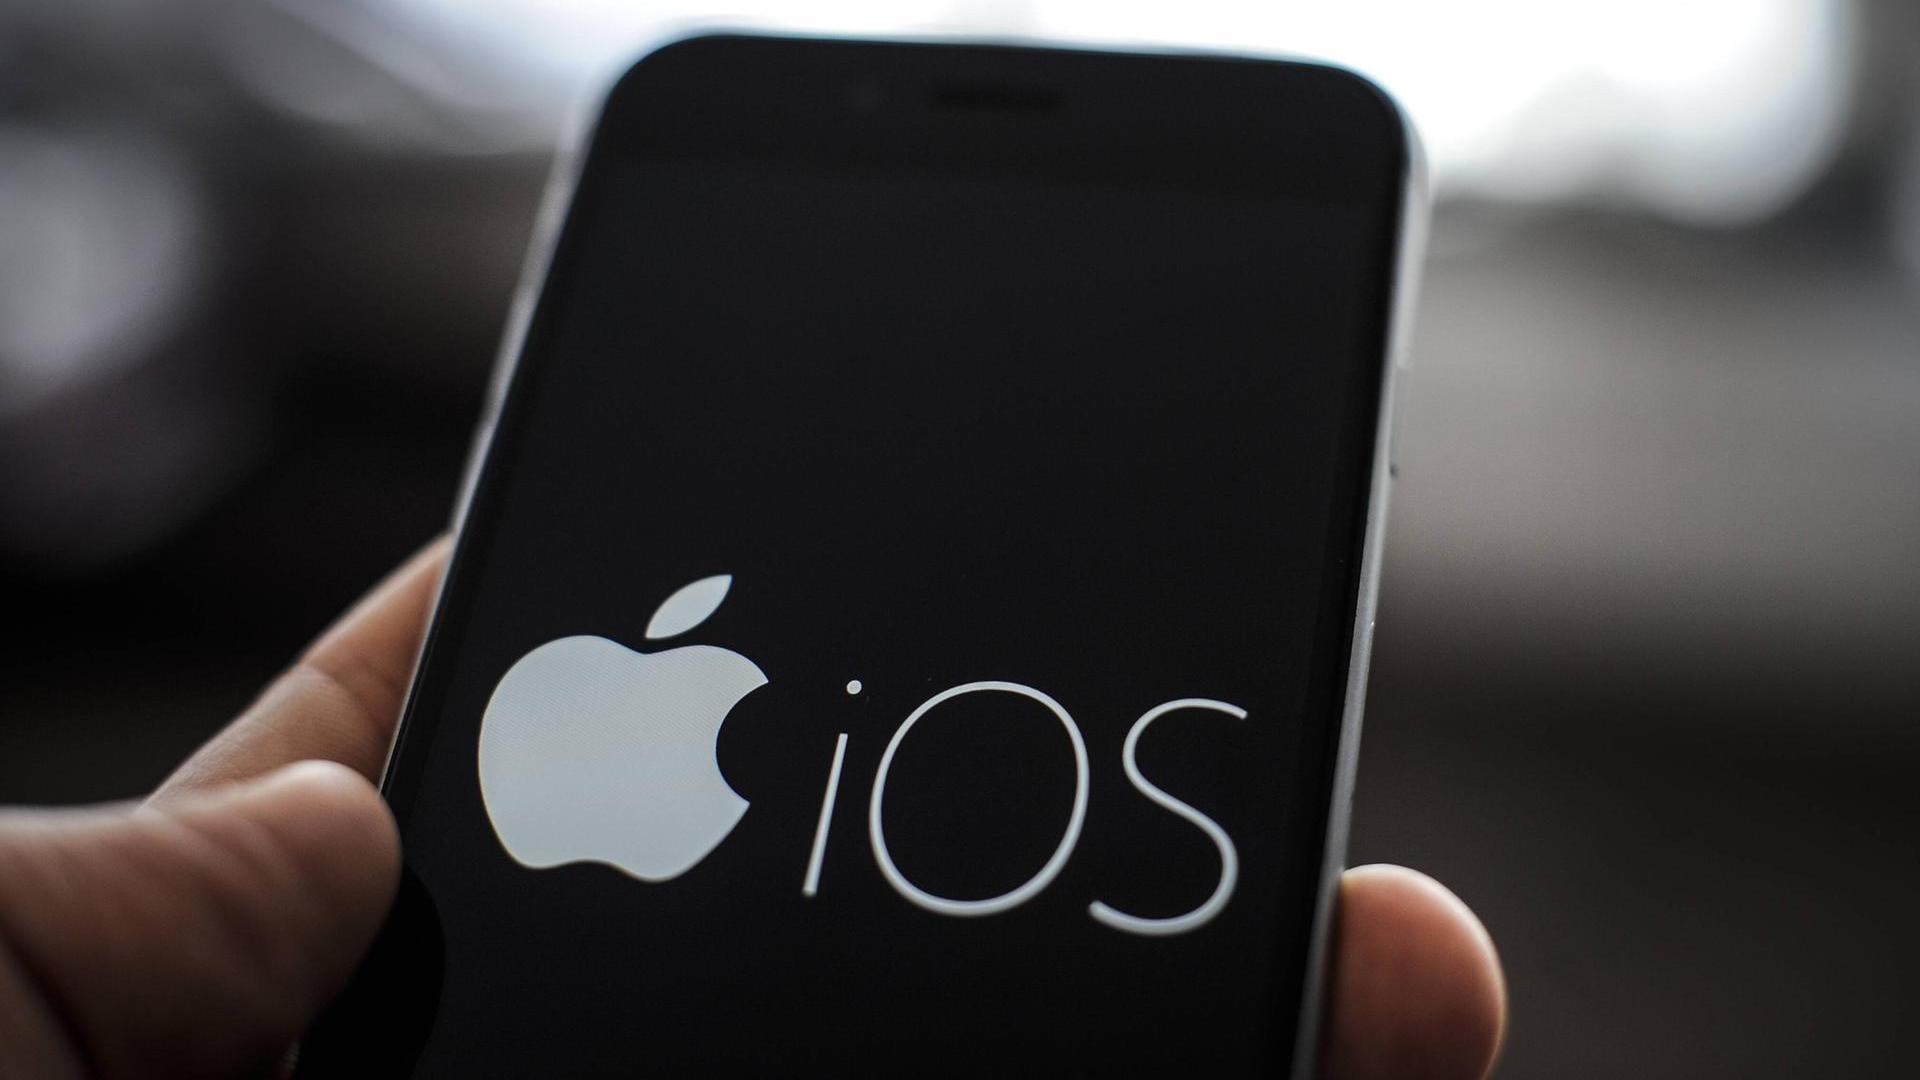 В iOS 12 обнаружена критическая ошибка, приводящая к перезагрузке